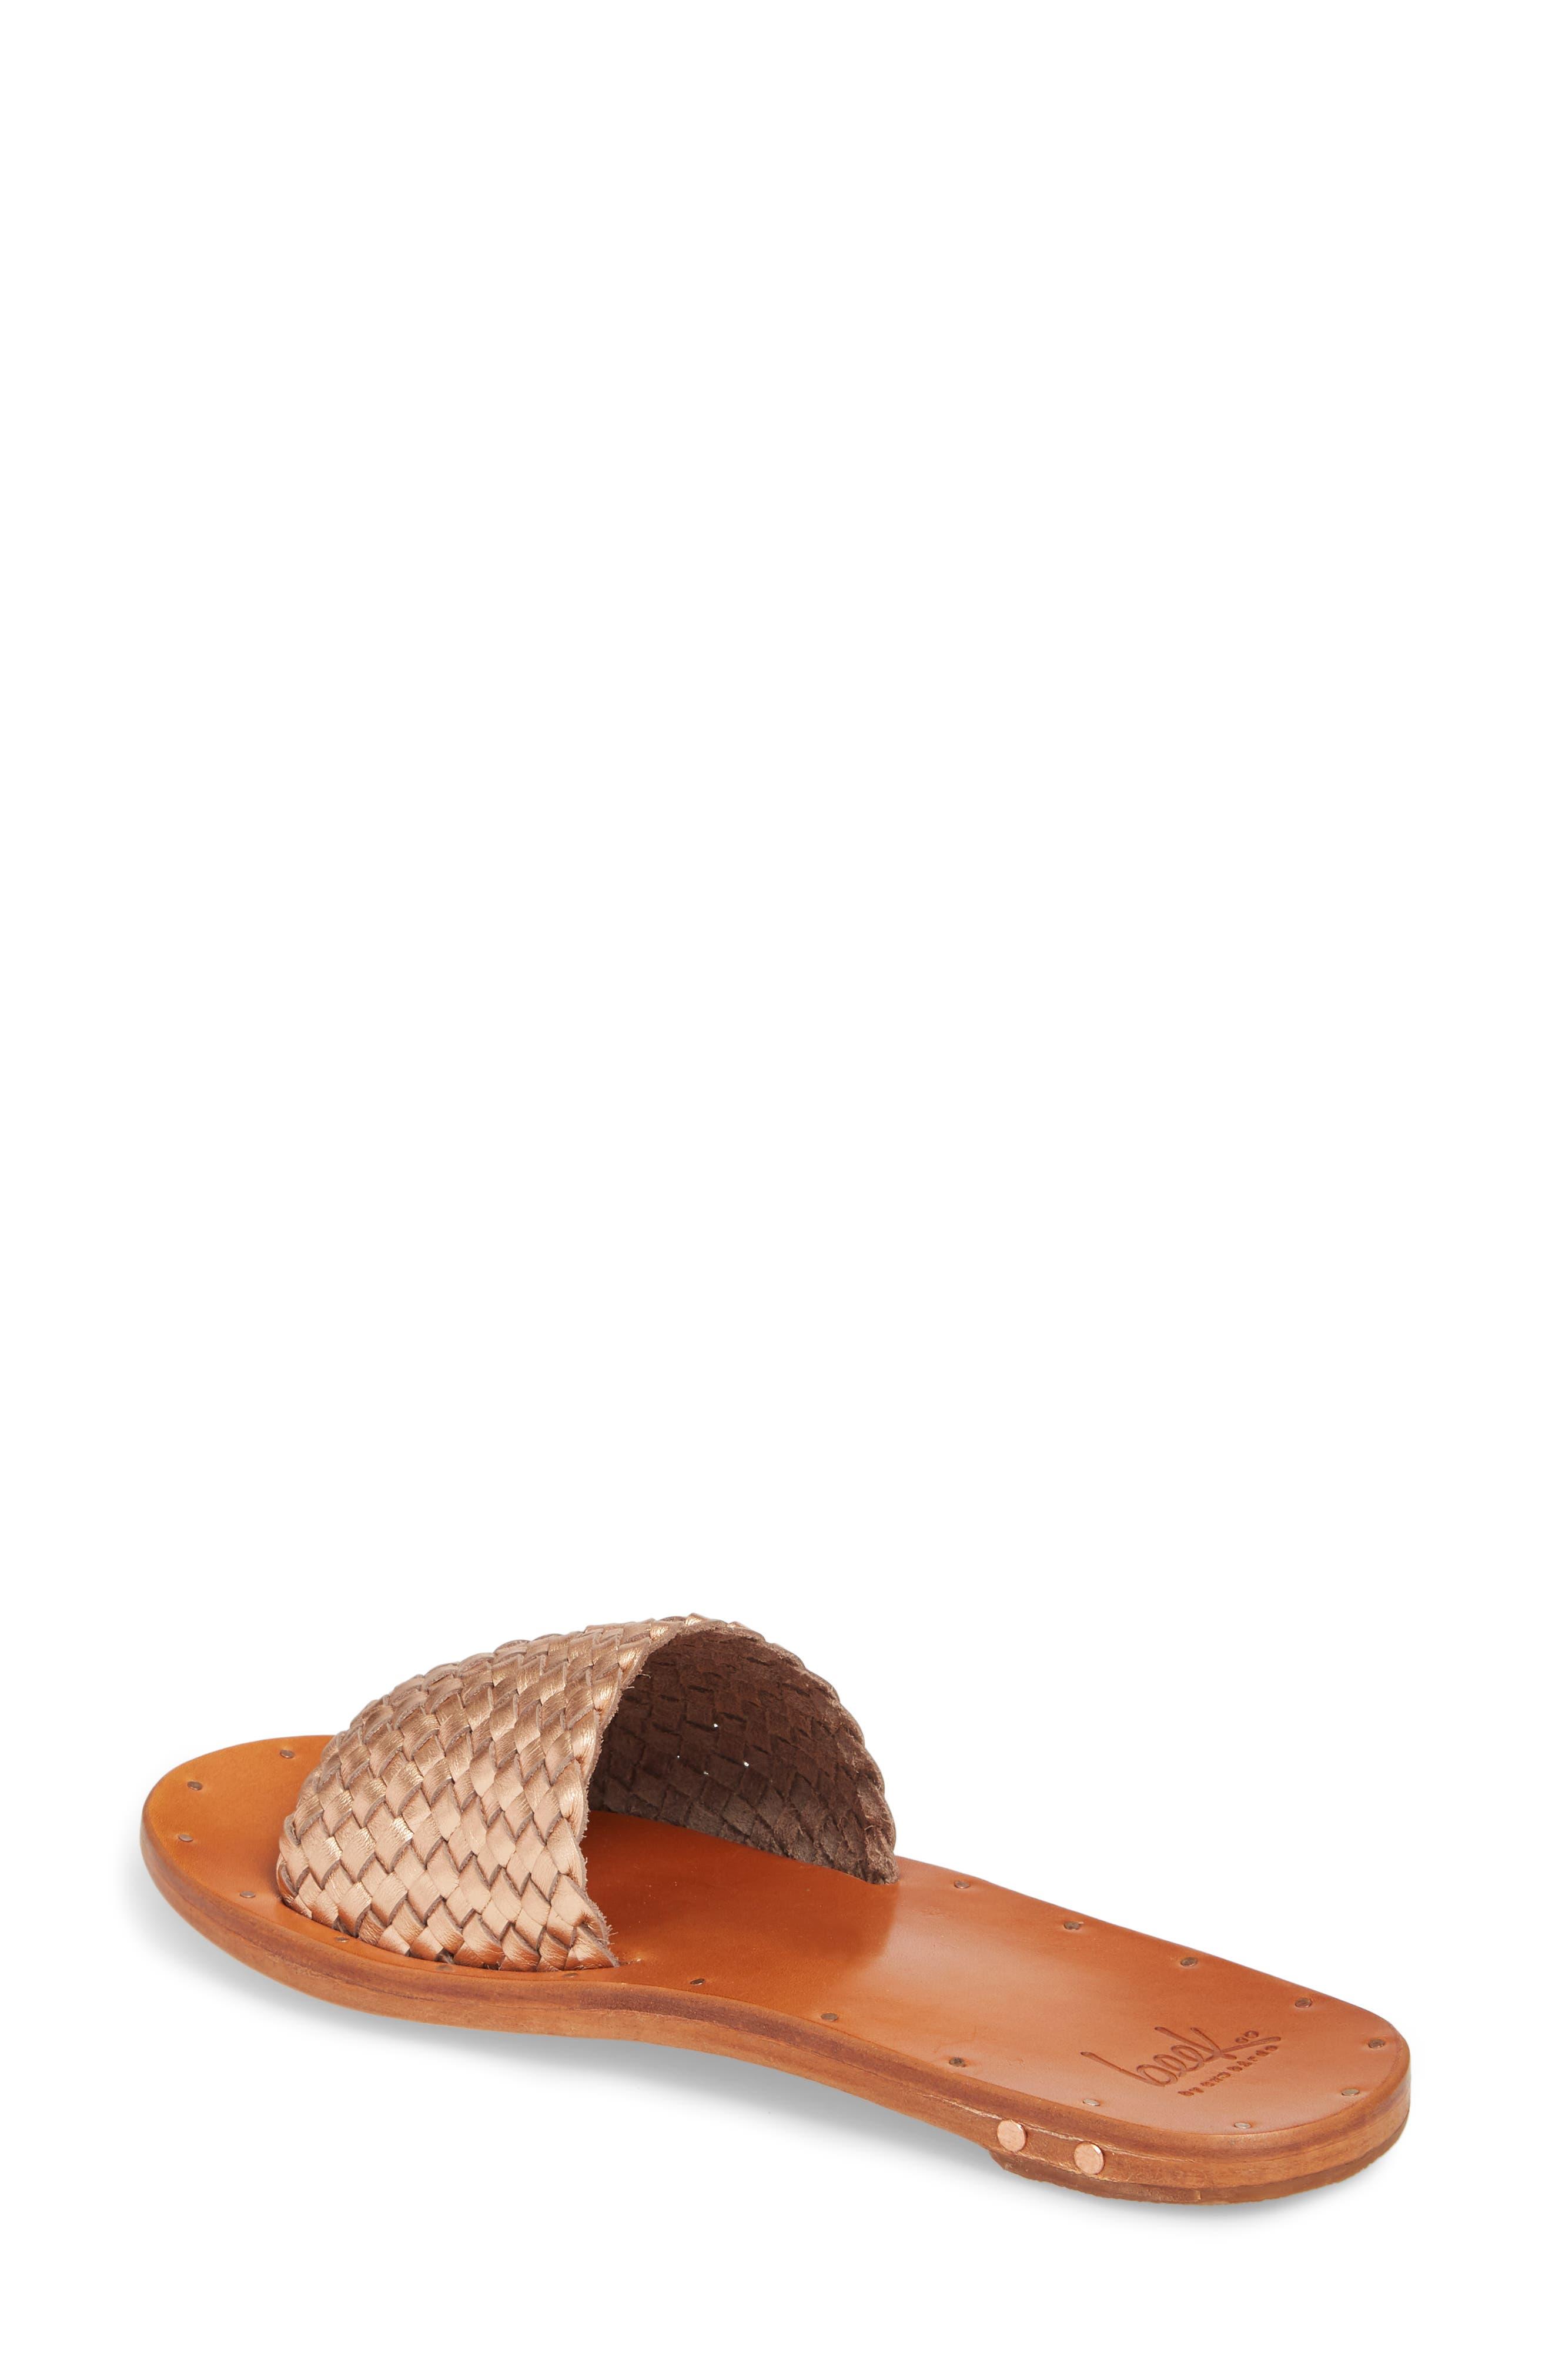 Osprey Woven Slide Sandal,                             Alternate thumbnail 2, color,                             710